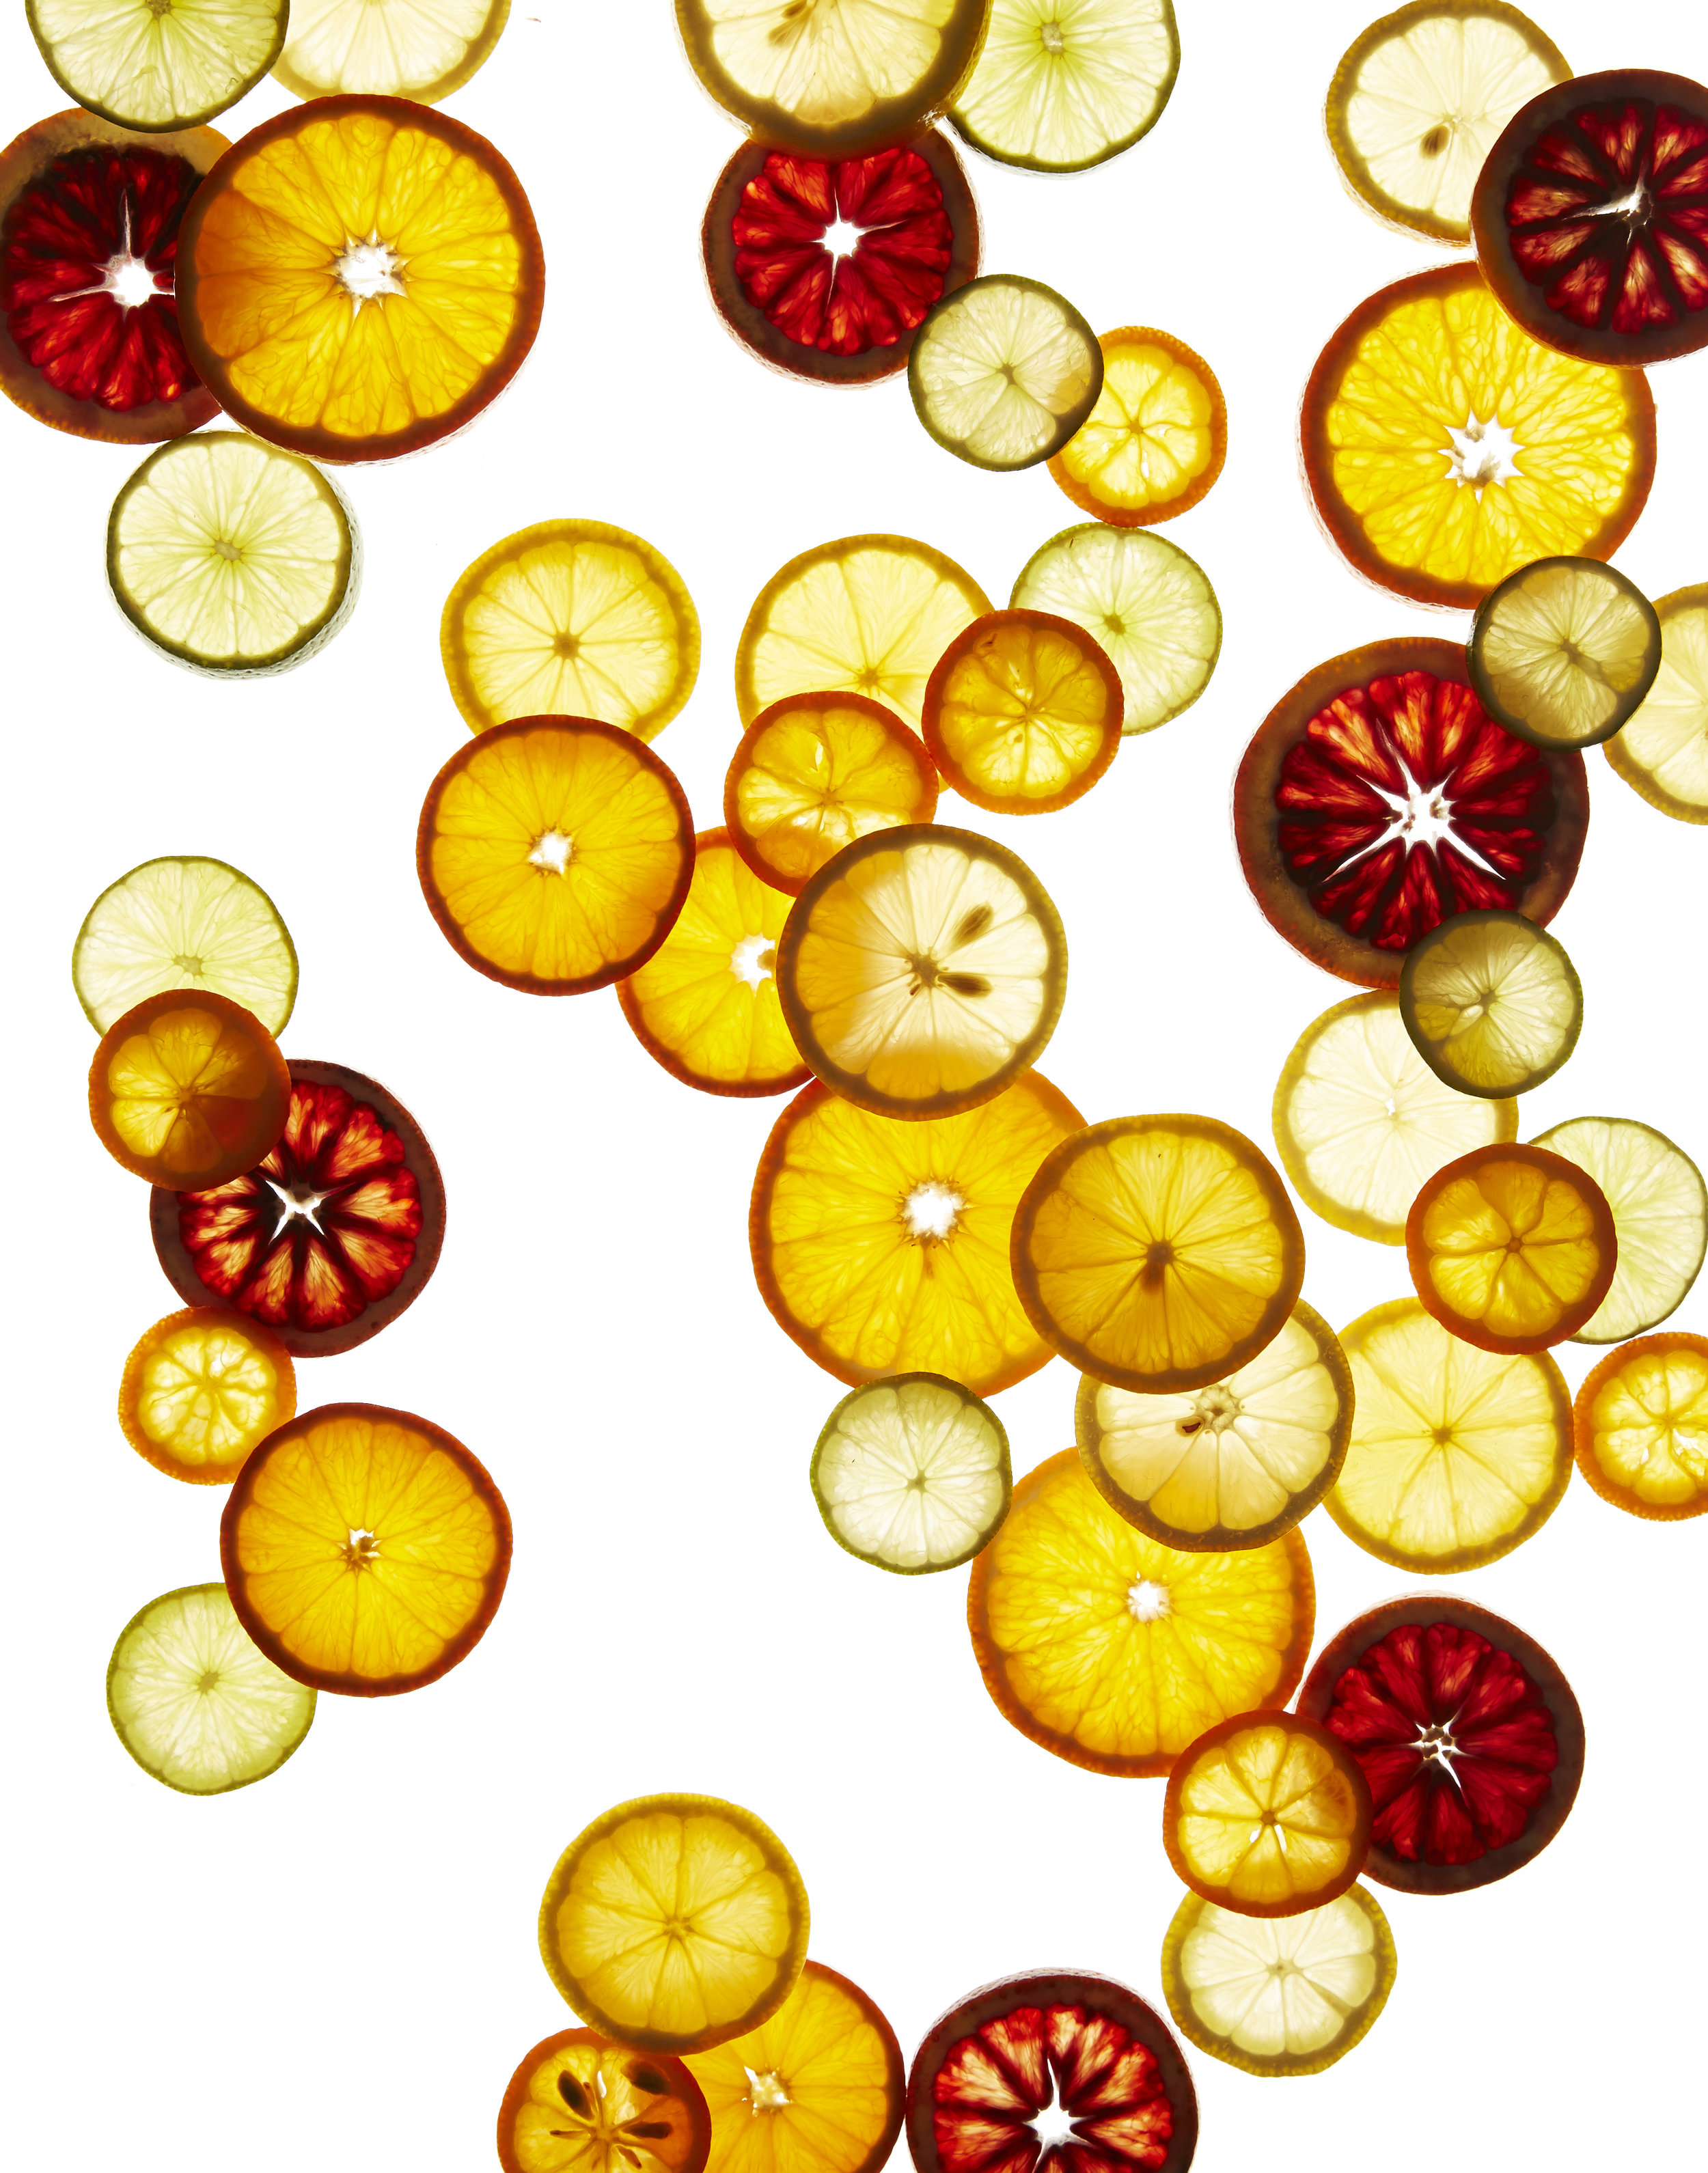 030616_Citrus_0190.jpg